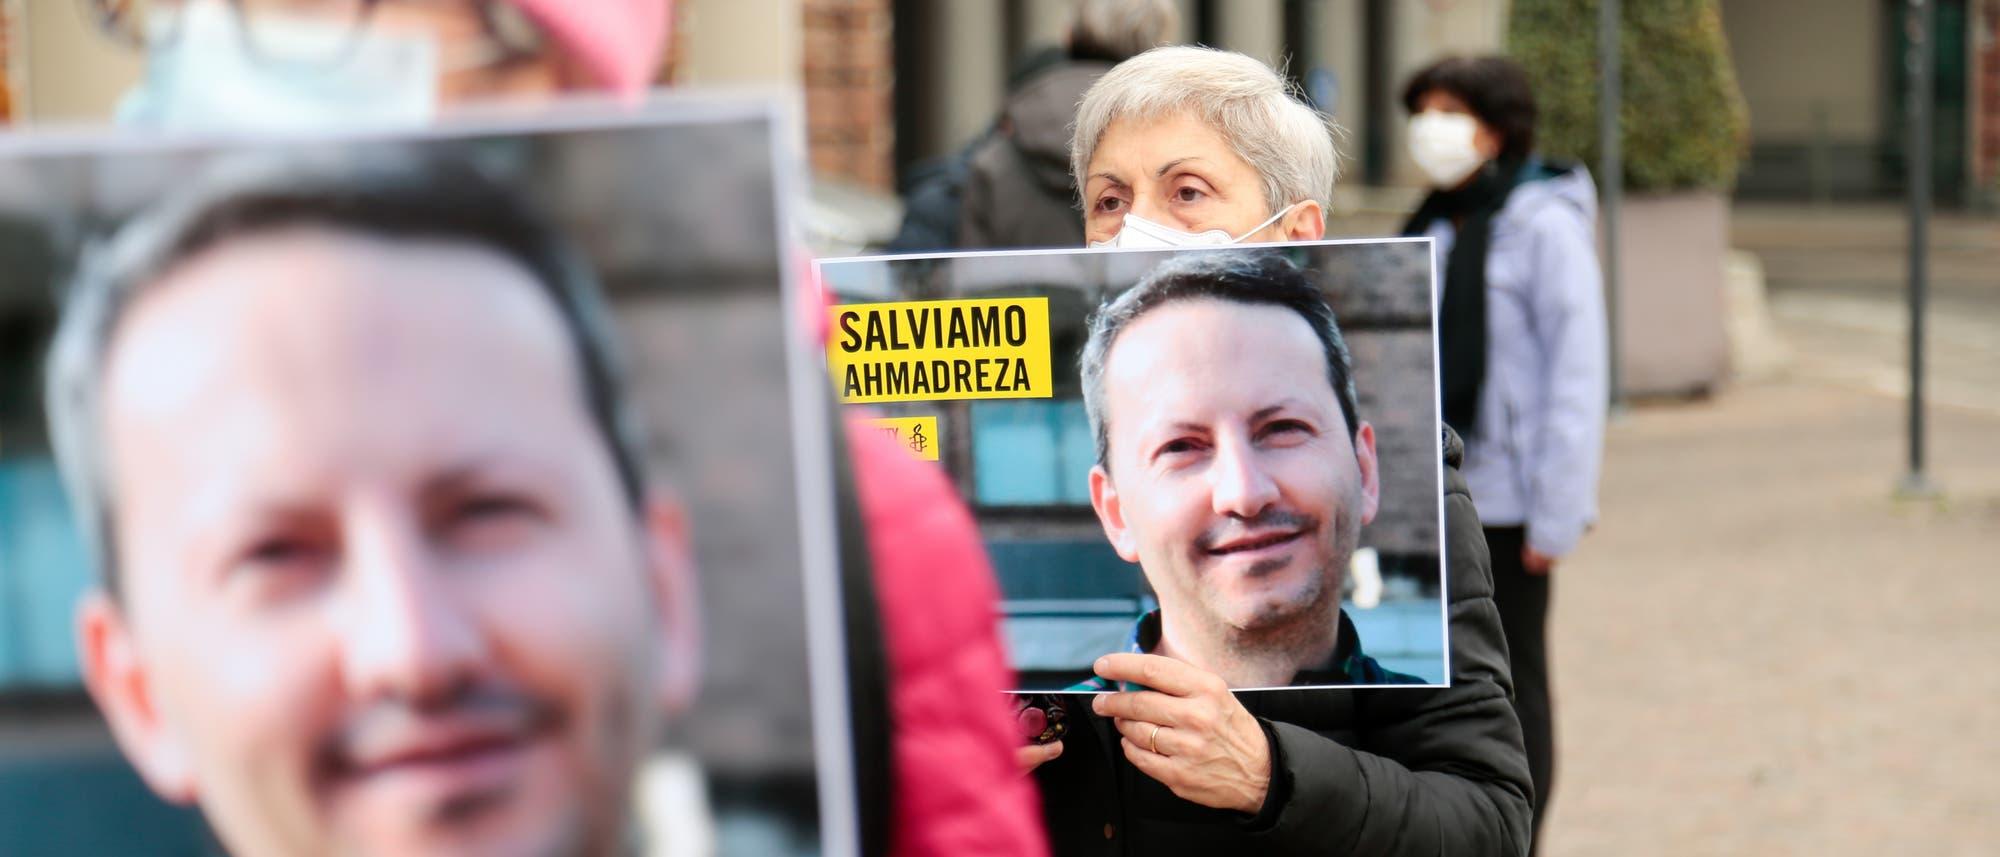 Am 28. November haben Amnesty International und Tadicali Italiani einen Sitzstreik organisiert, um den iranisch-schwedischen Arzt AhmadReza Djalali vor der Todesstrafe zu bewahren.